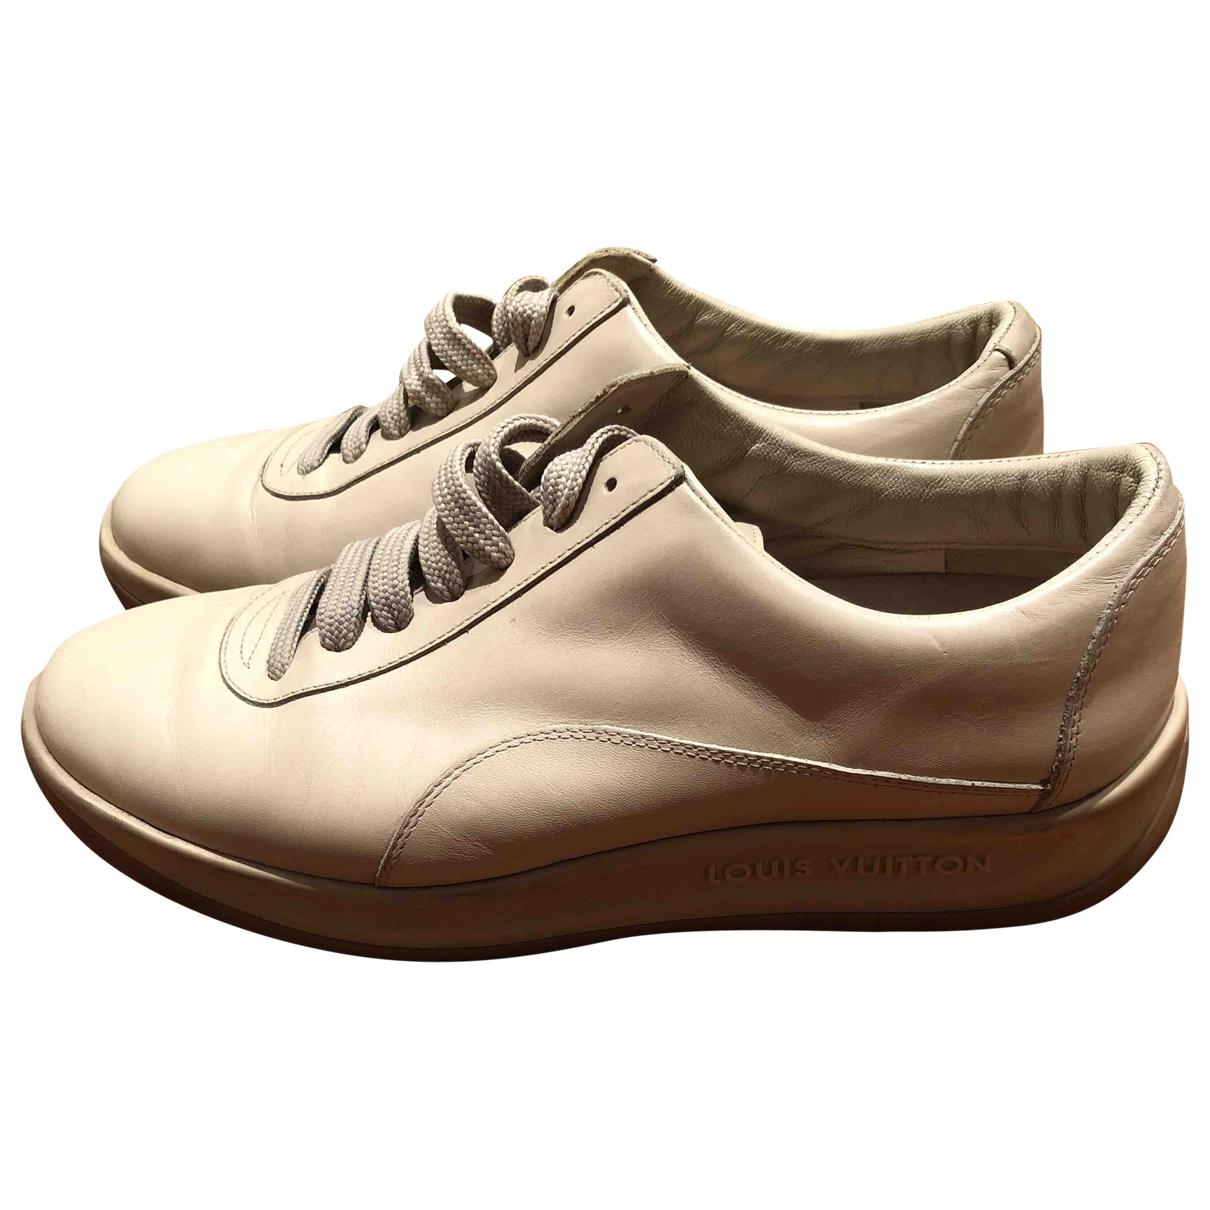 Louis Vuitton - Baskets   pour femme en cuir - beige